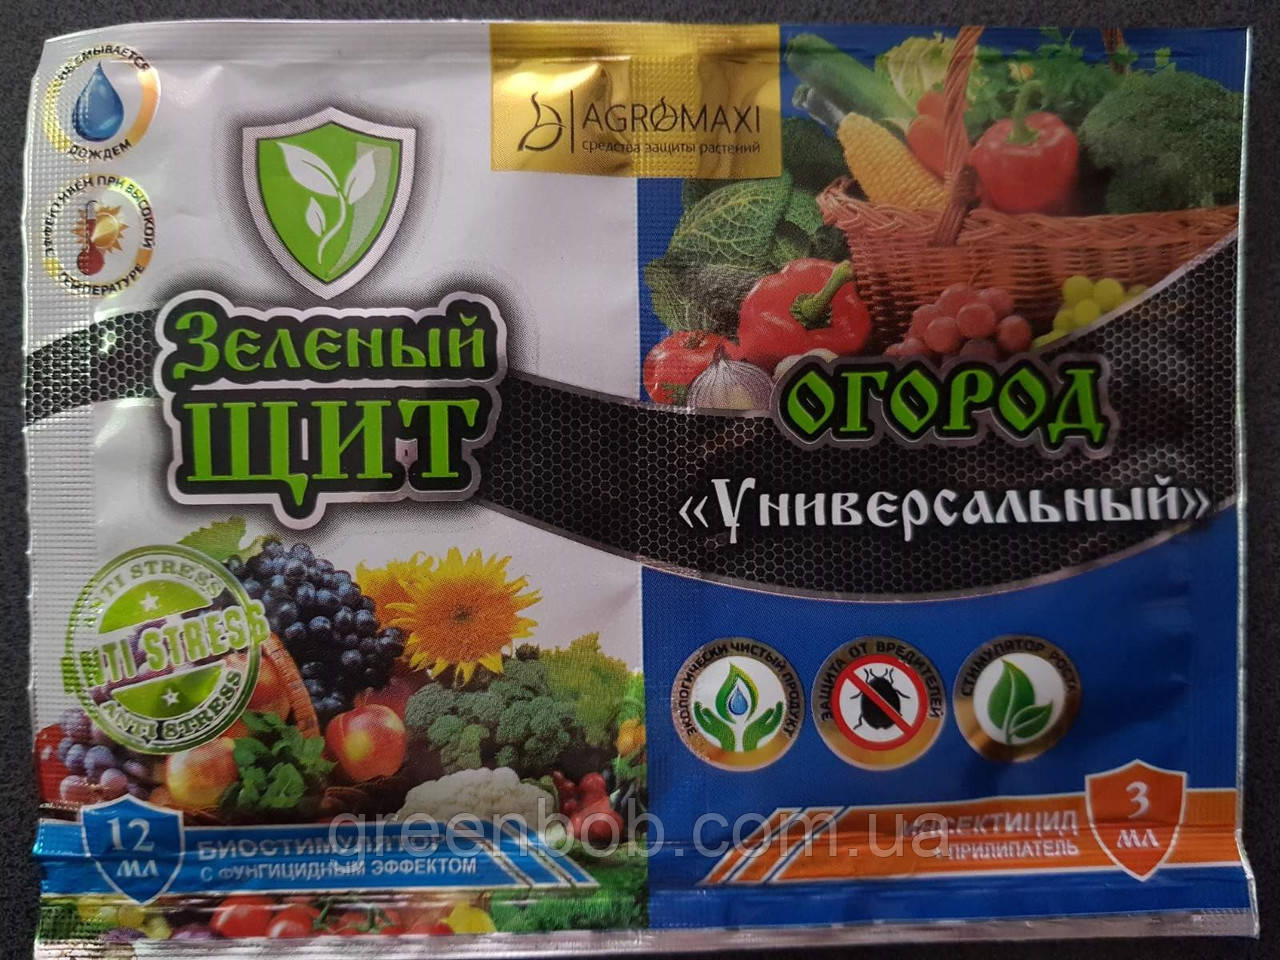 """СПАСАТЕЛЬ """"Зеленый щит"""" для Огорода """"Универсальный"""" 3 мл+12 г\мл"""